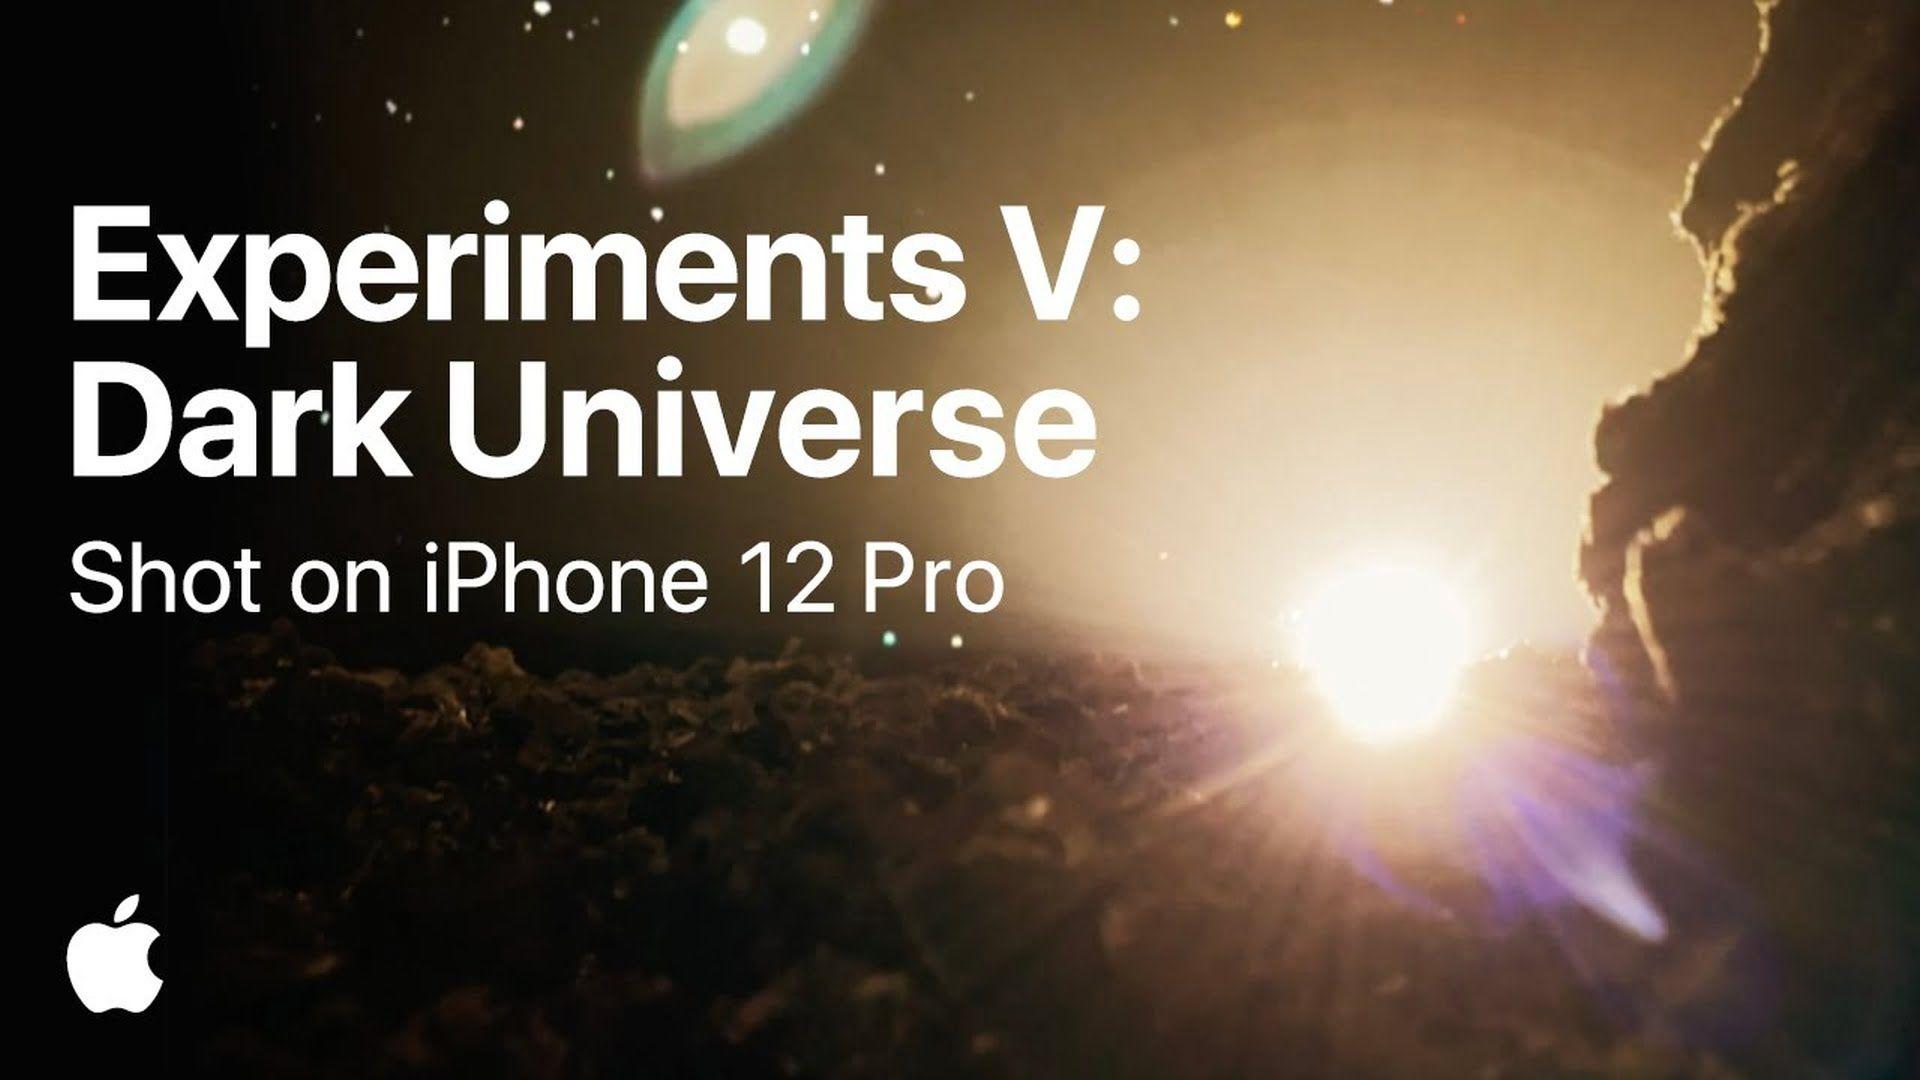 Dostępna nowa reklama iPhone'a 12 Pro z serii Experiments